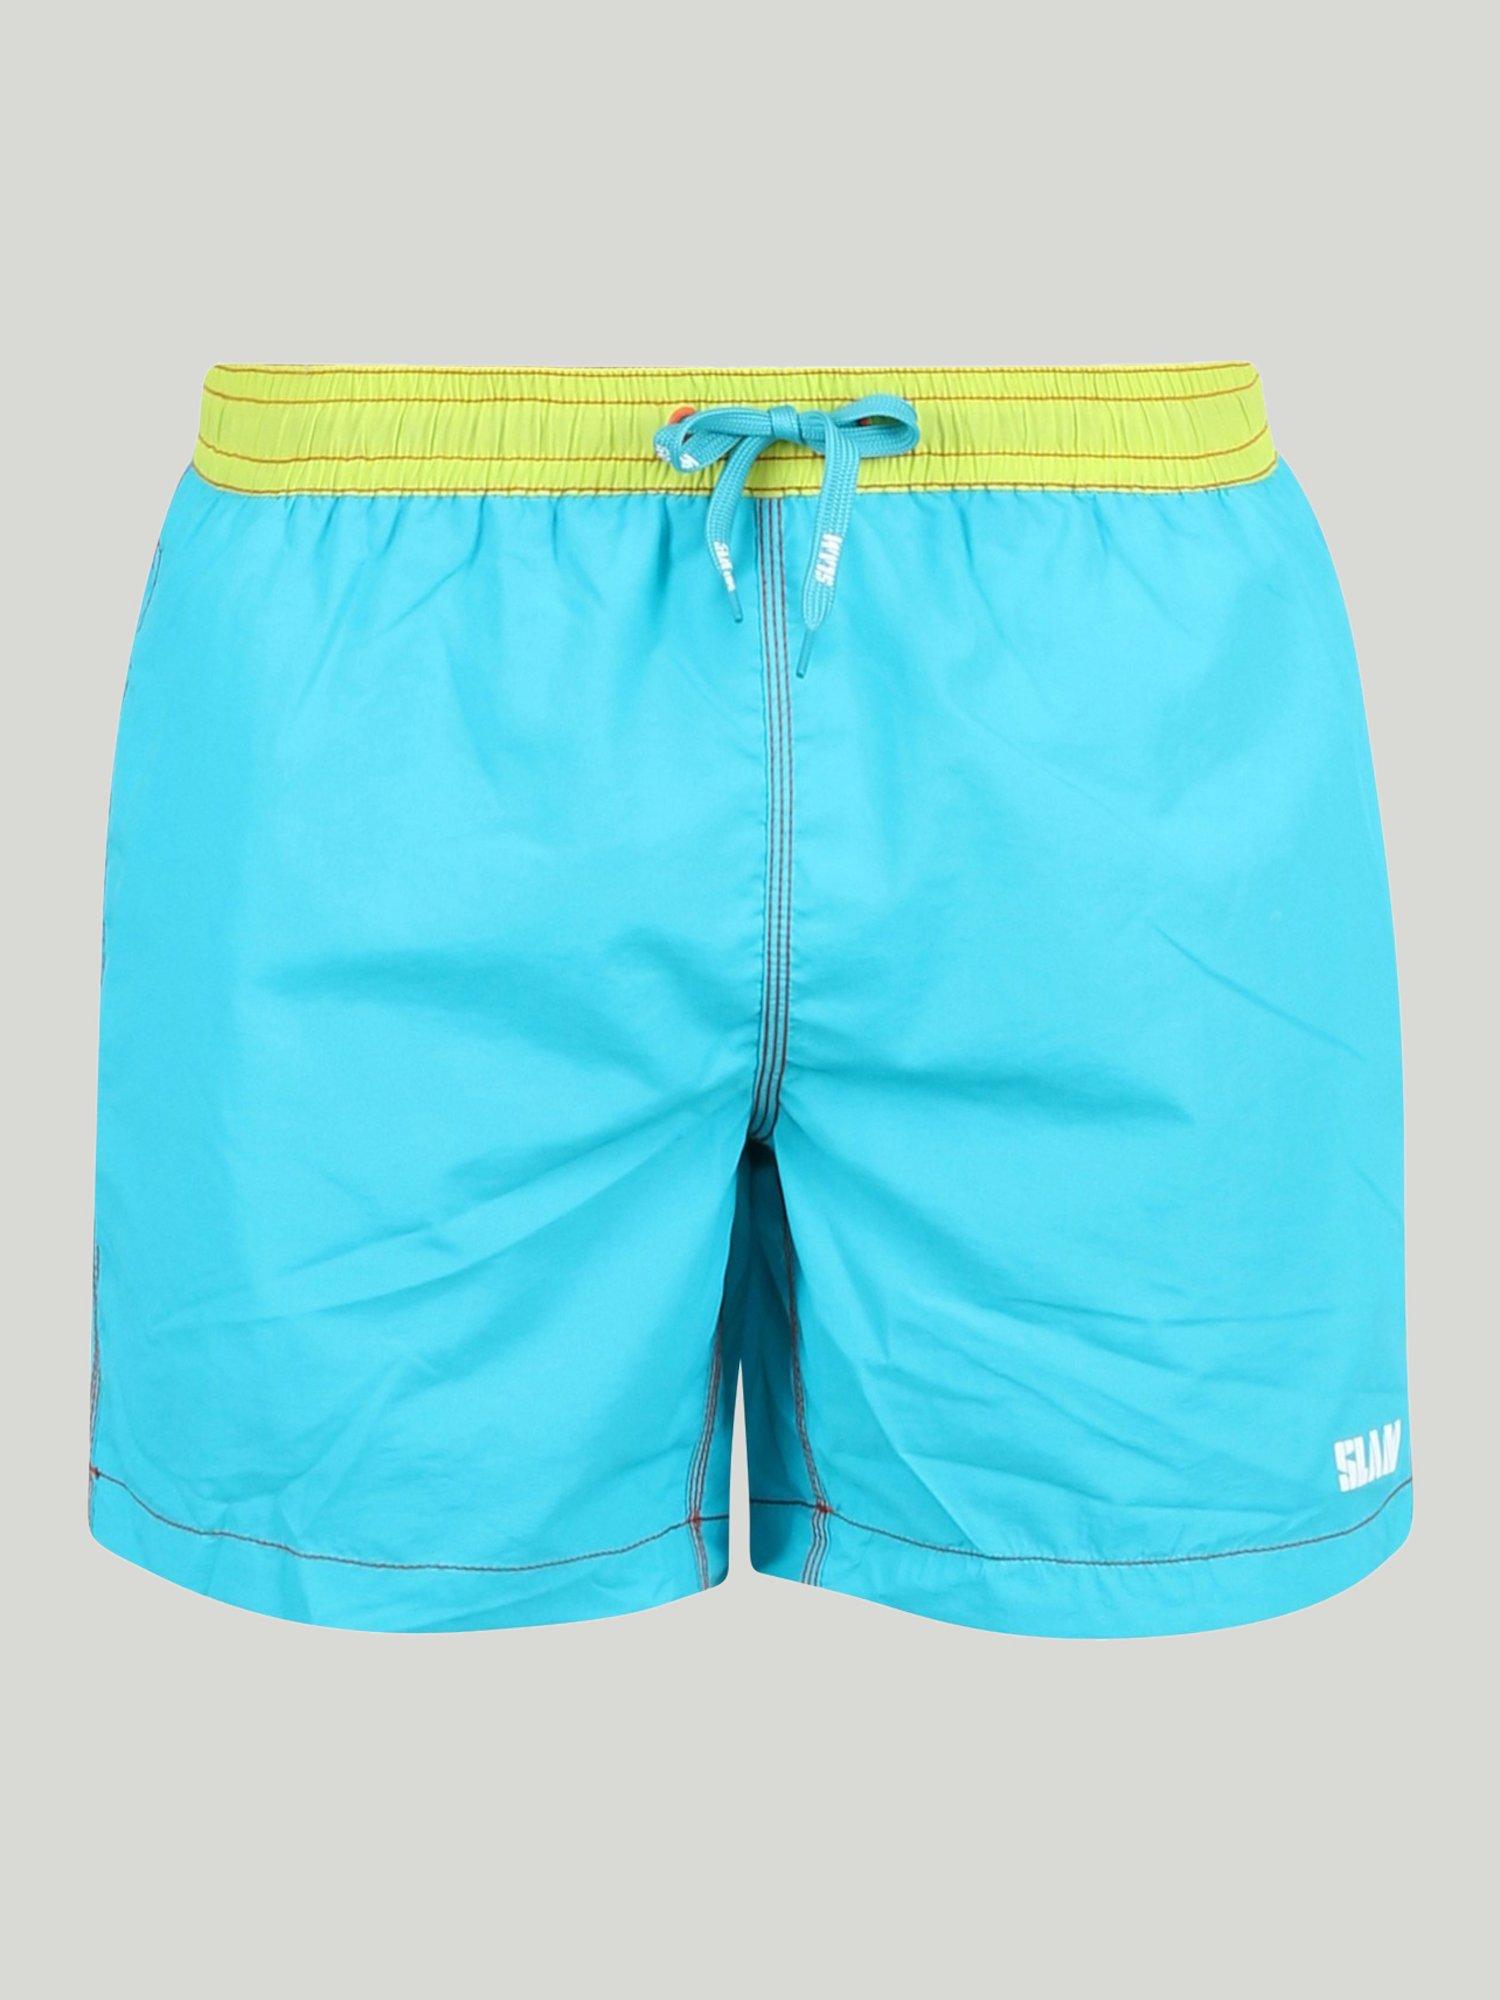 Gaios swimssuit - Caribbean Blue